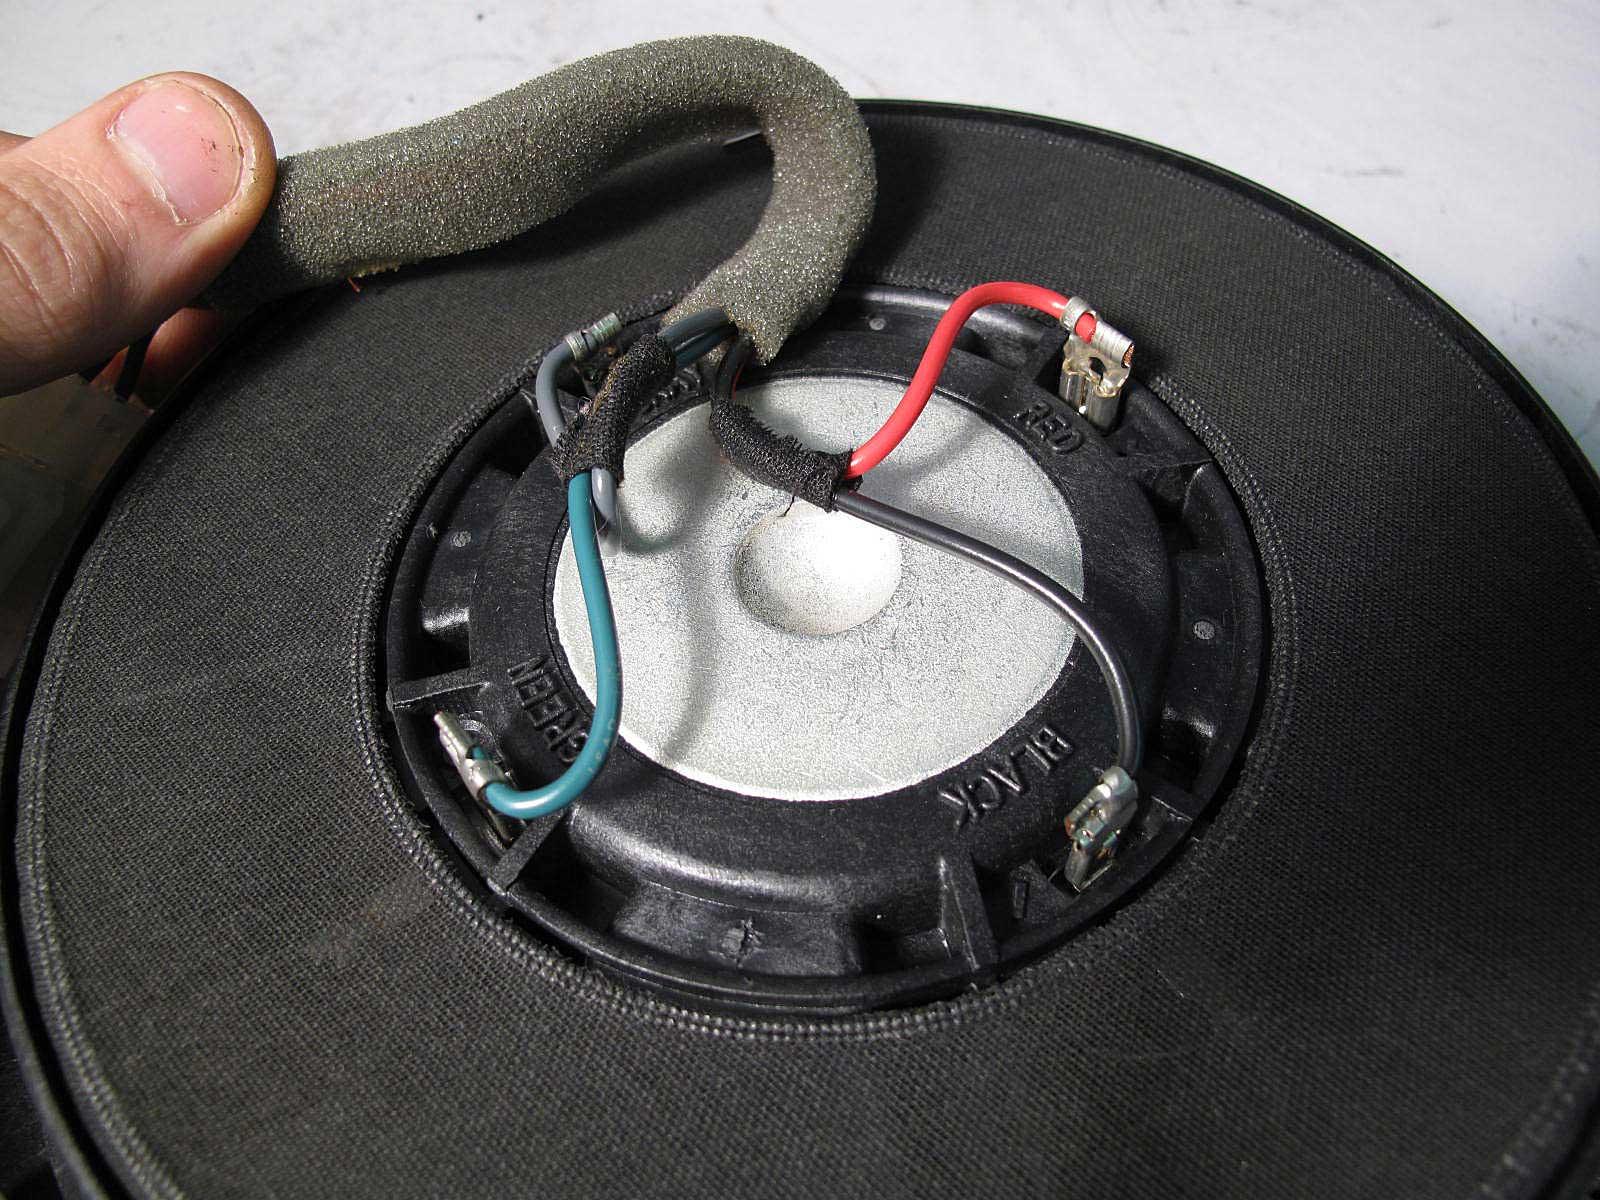 bmw e46 convertible harman kardon hk subwoofer speaker. Black Bedroom Furniture Sets. Home Design Ideas